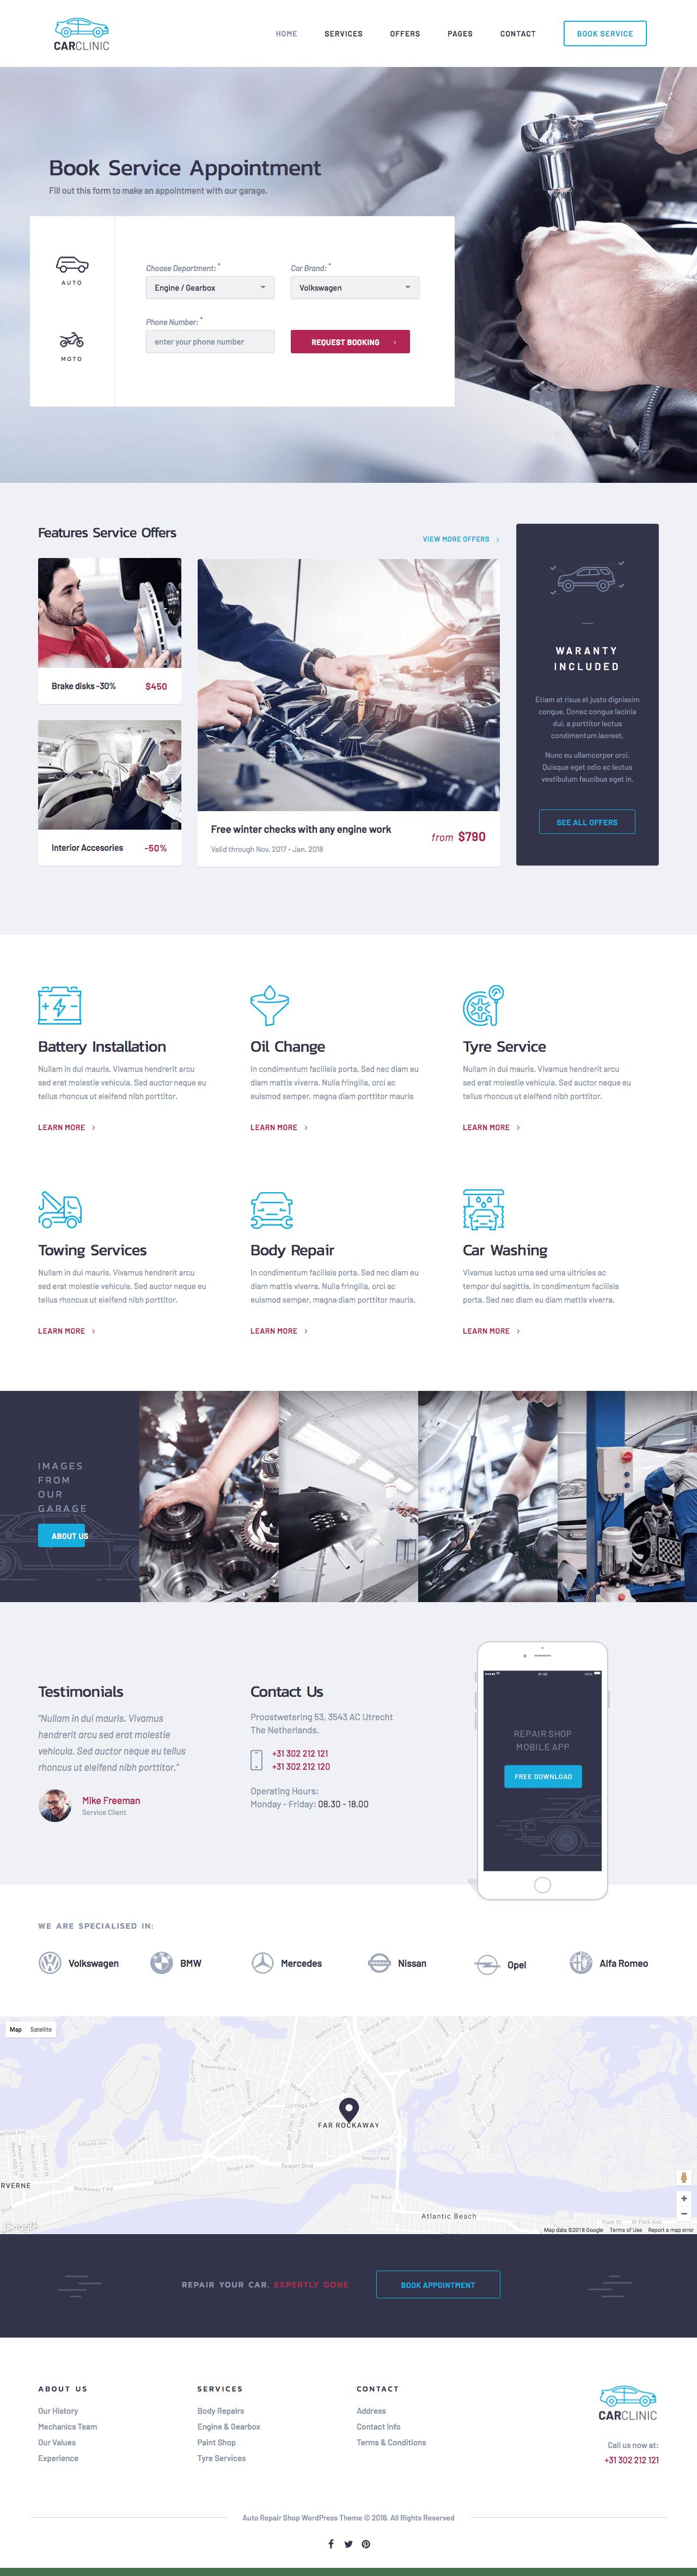 Car Clinic WordPress Theme for Auto Repair Shop